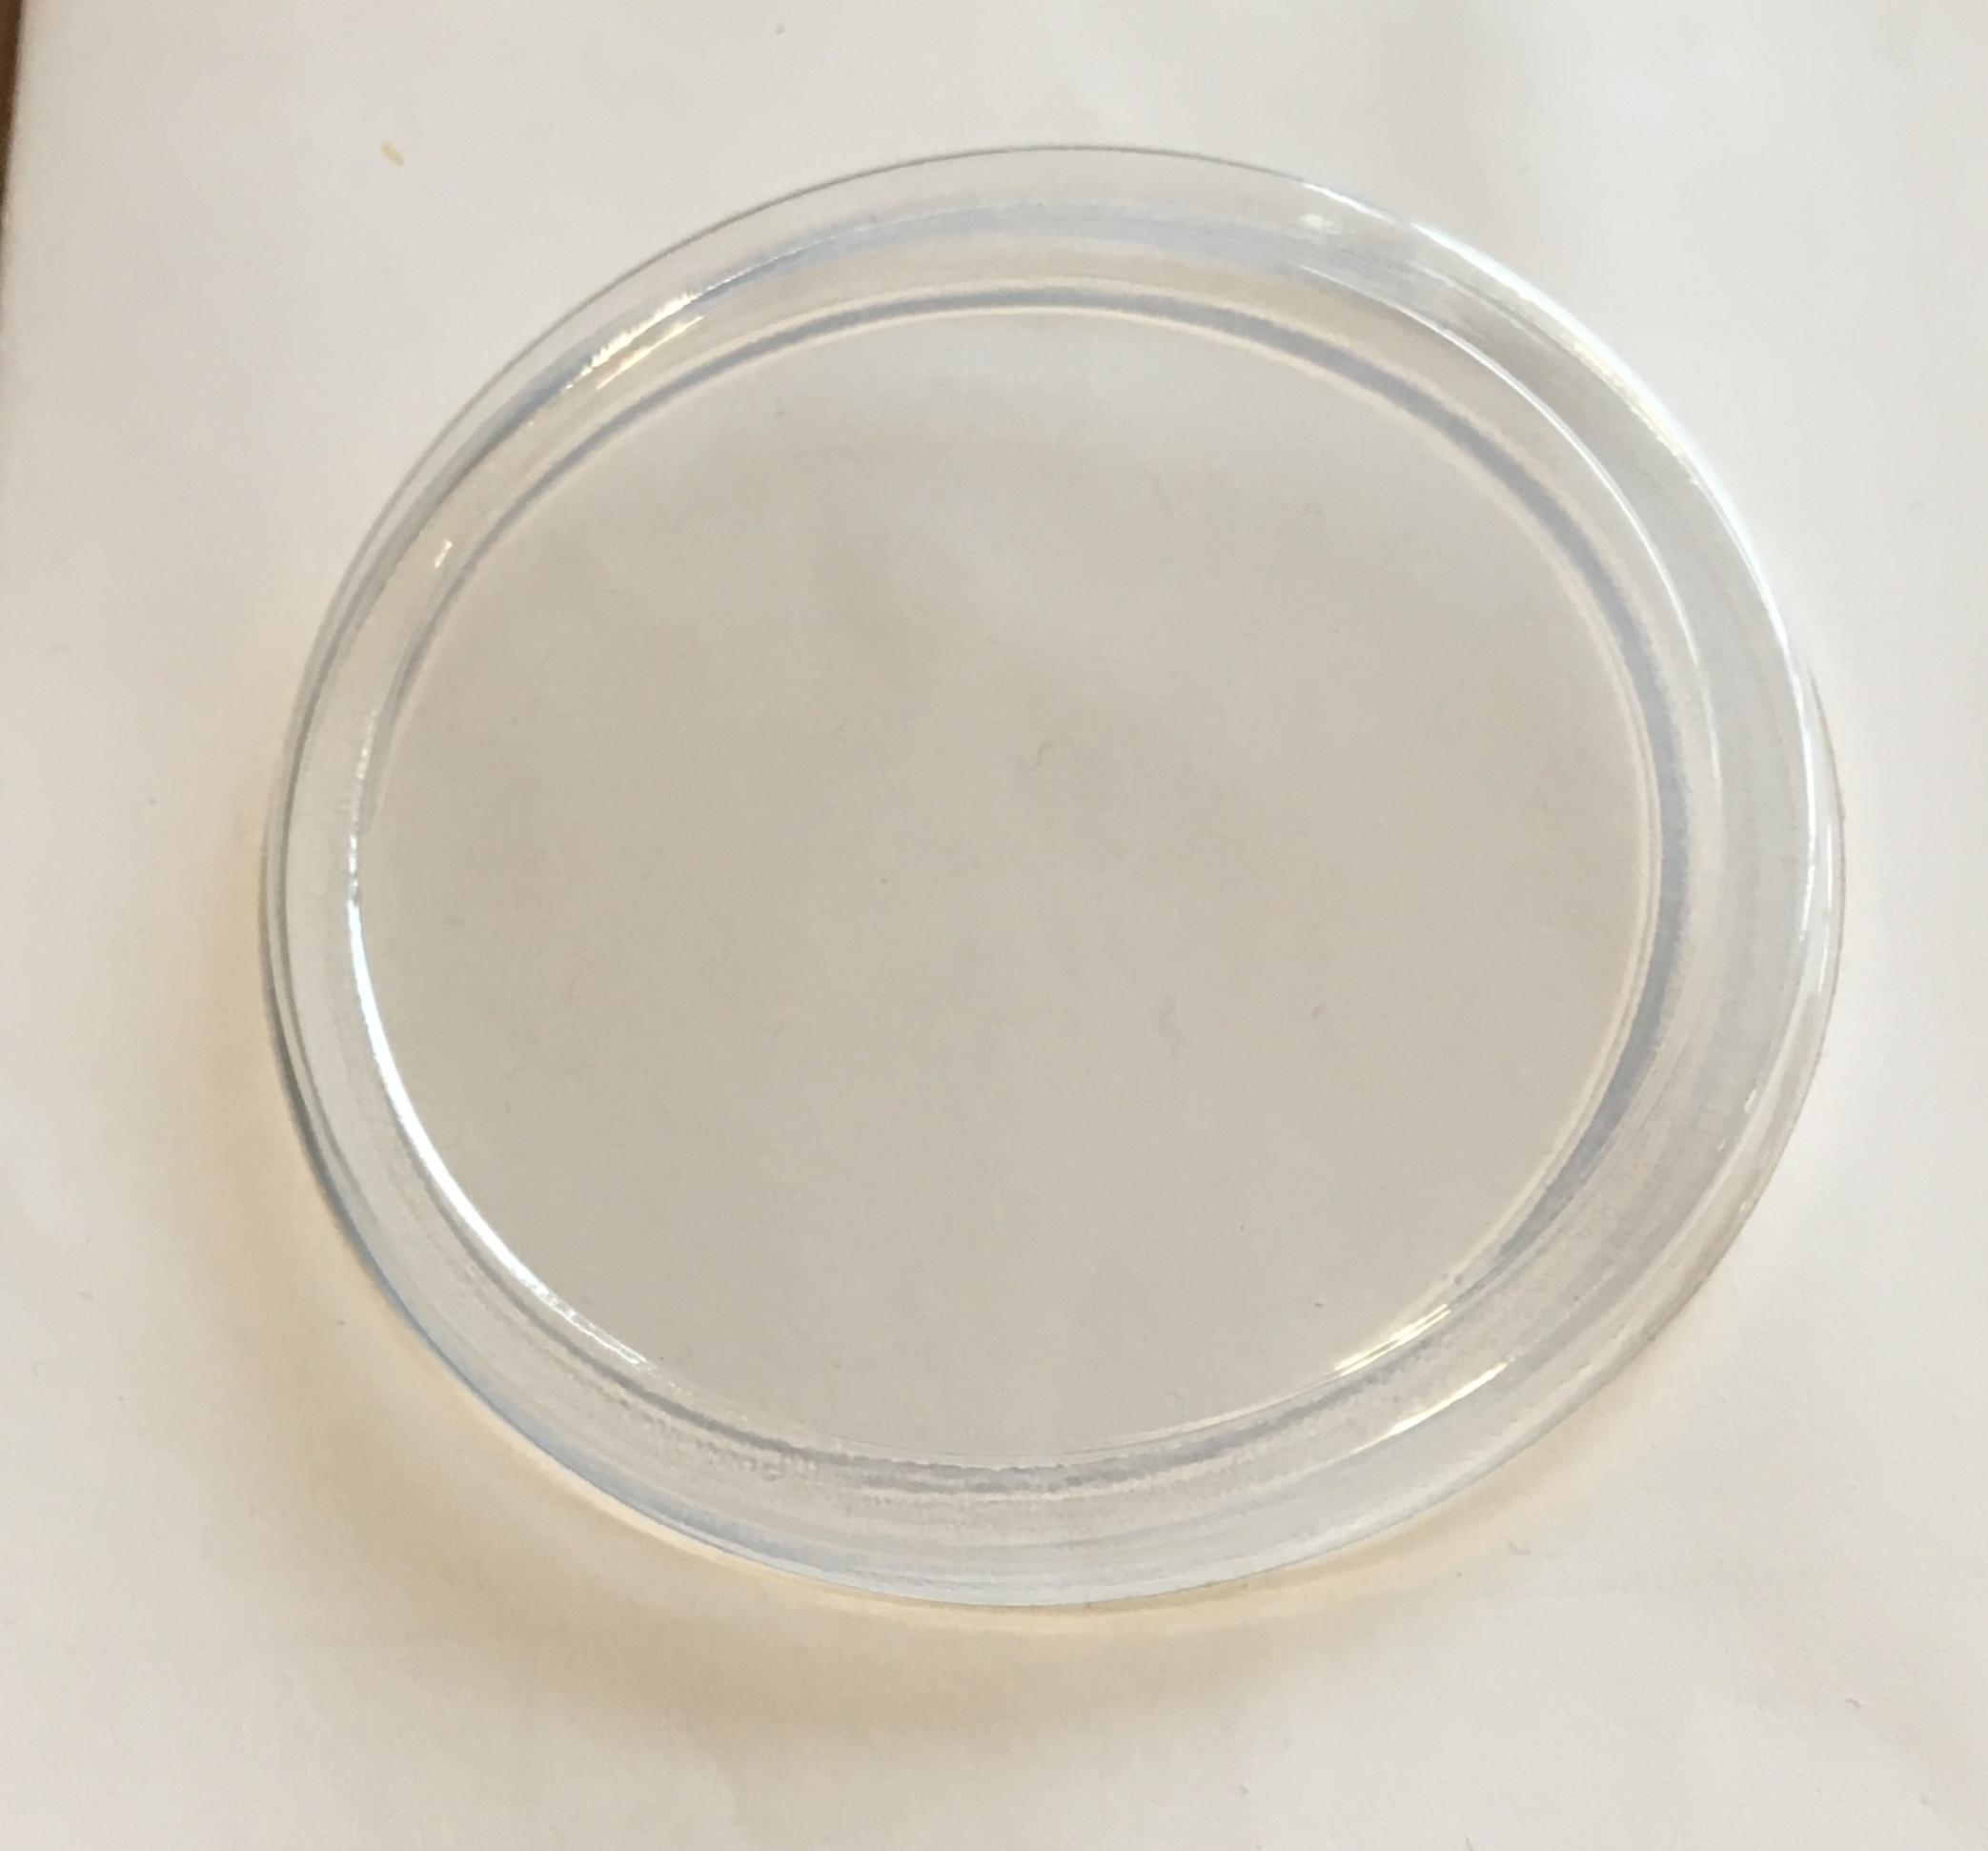 ฝาปิดถ้วยไอศครีมพลาสติกใส (ถ้วย 4 Oz)